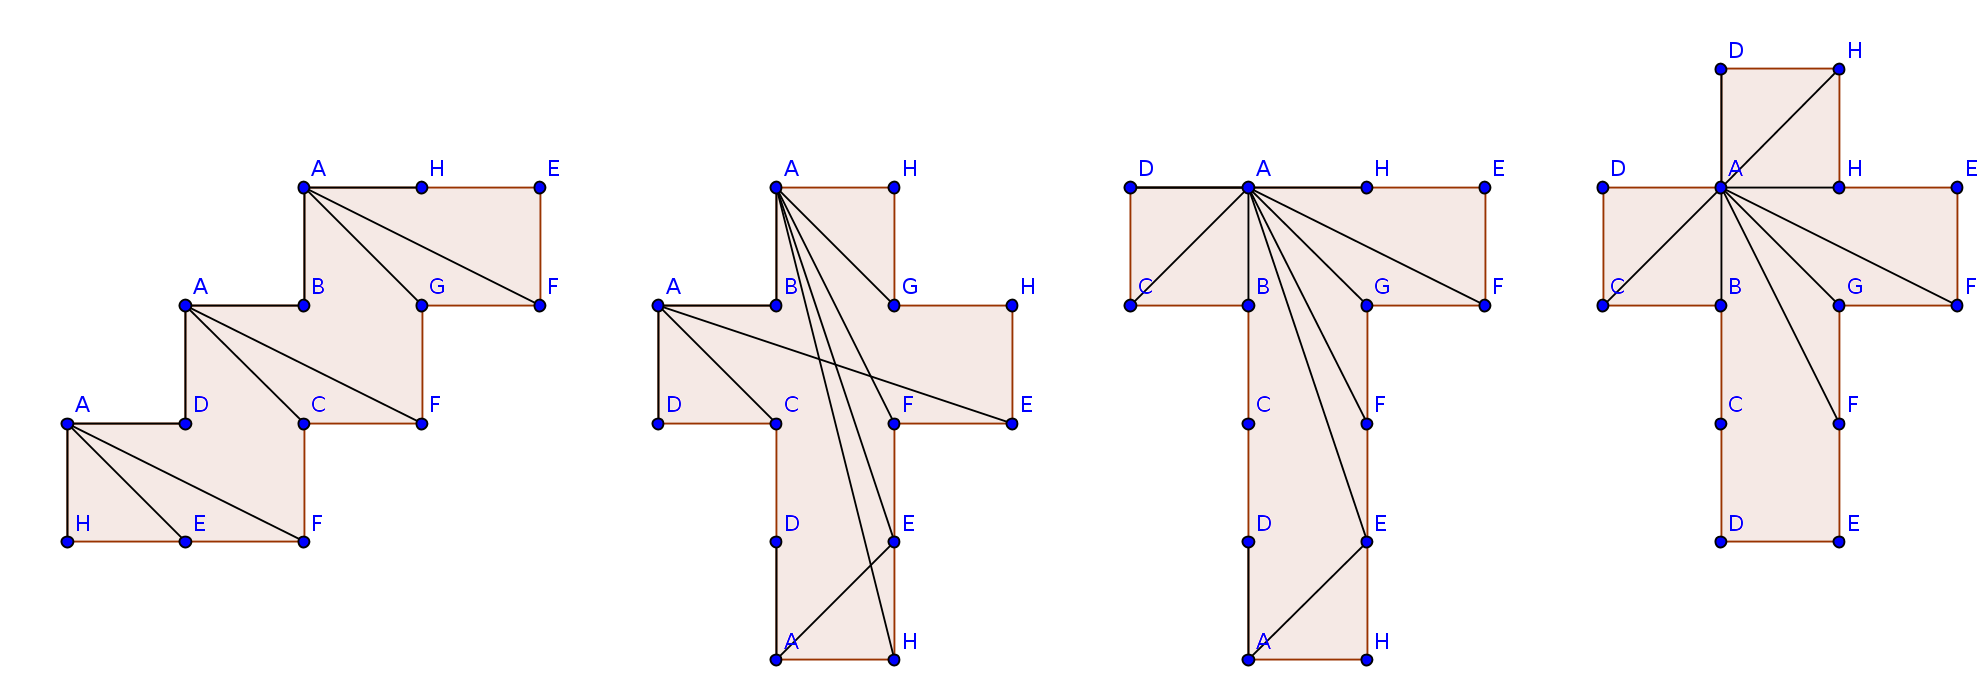 Représentations de chemins géodésiques entre un sommet du cube et les autres sommets.